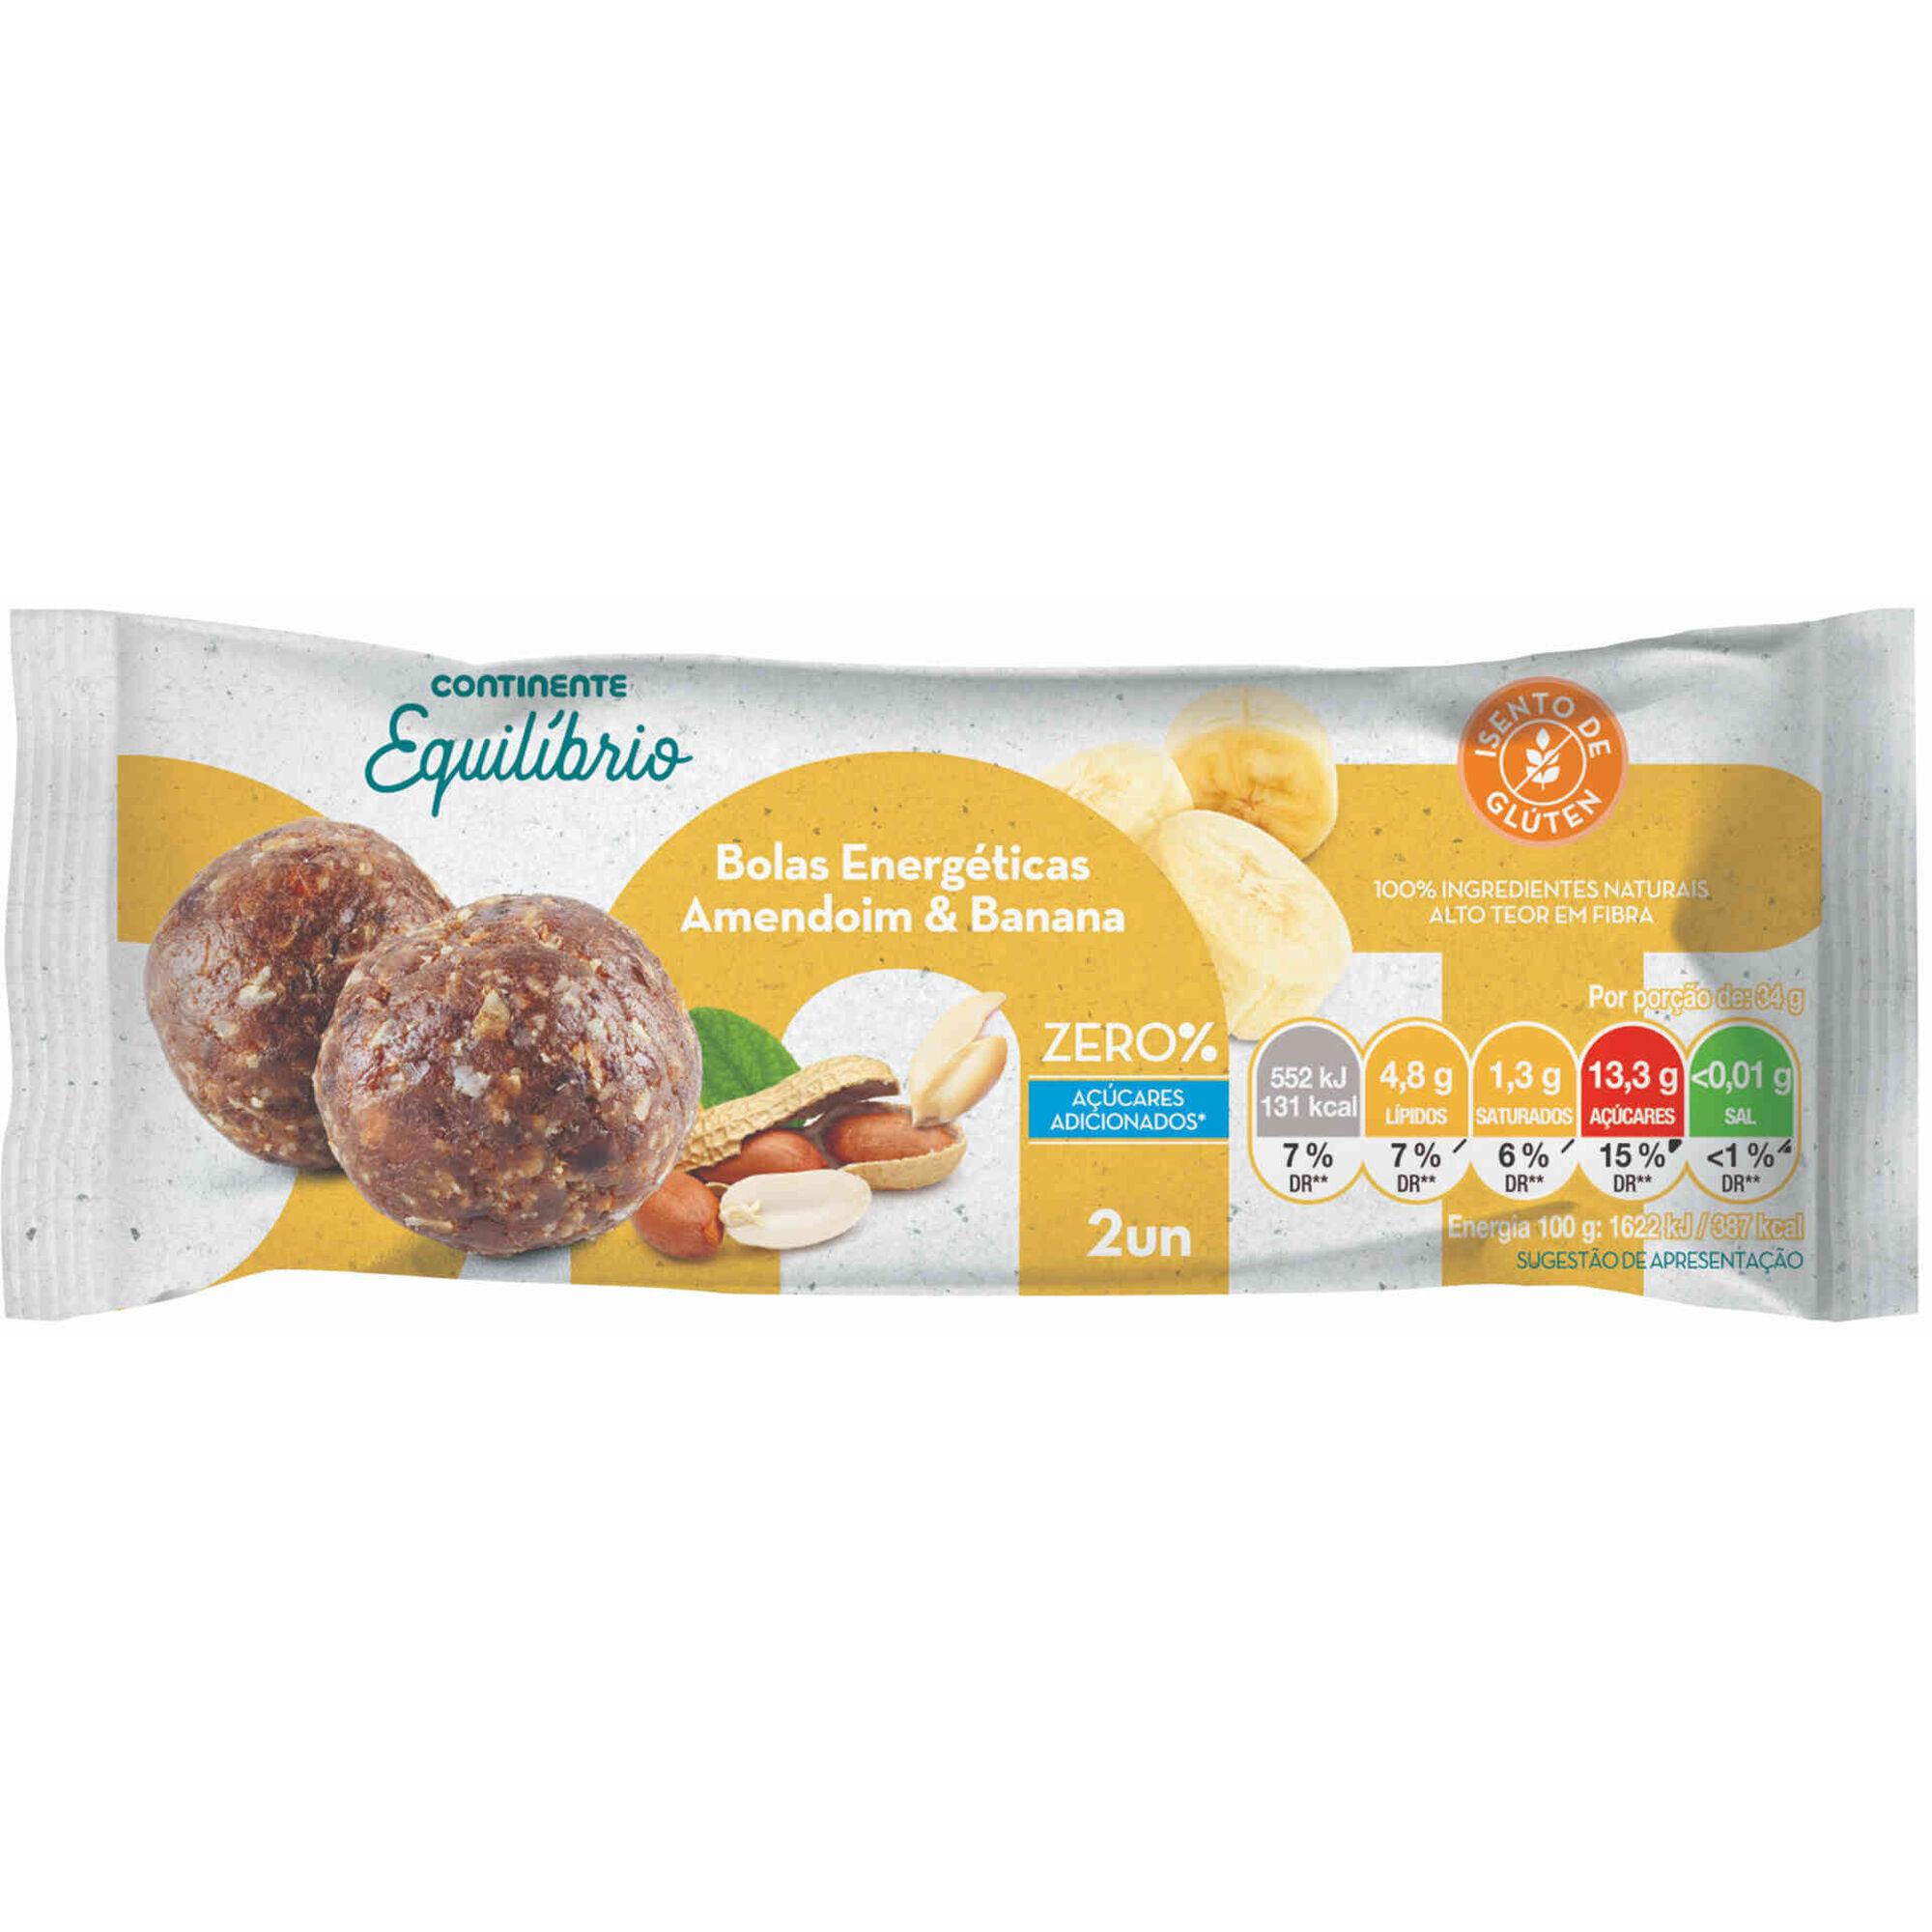 Bolas Energéticas de Amendoim e Banana sem Glúten